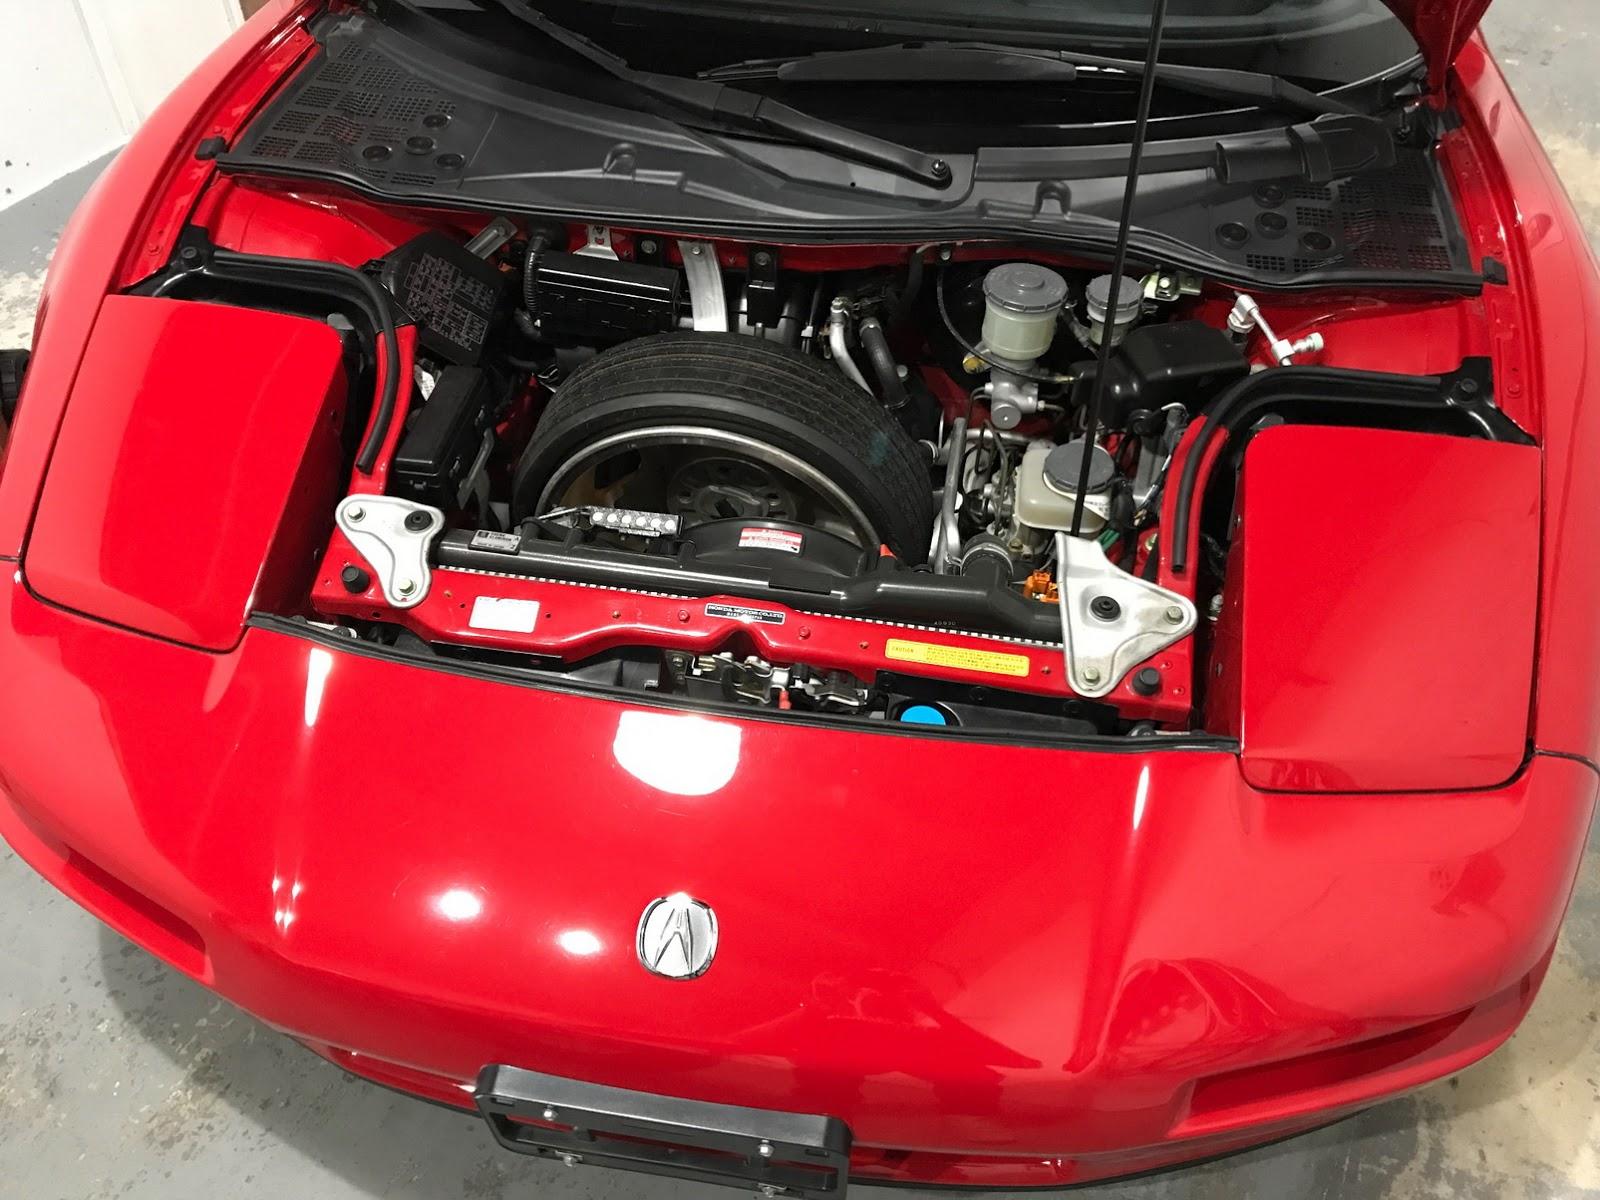 1993_Acura_NSX_auction_0019